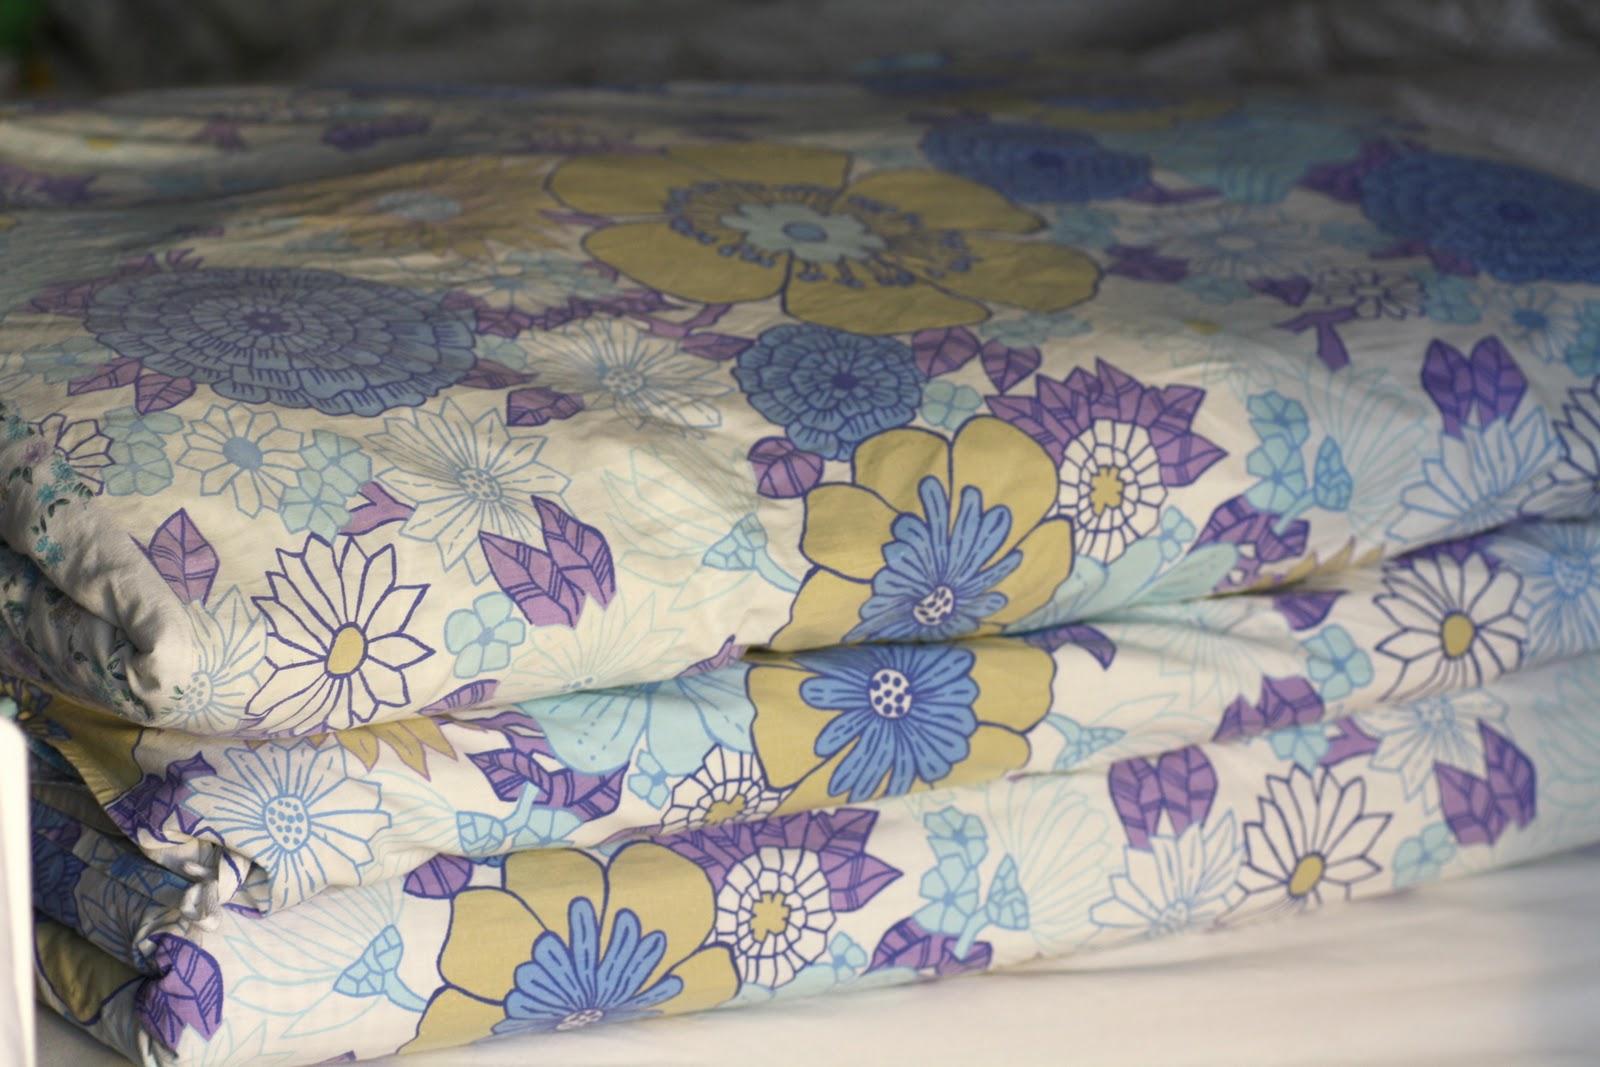 sengetøj retro Westmose: Retro sengetøj til to. sengetøj retro